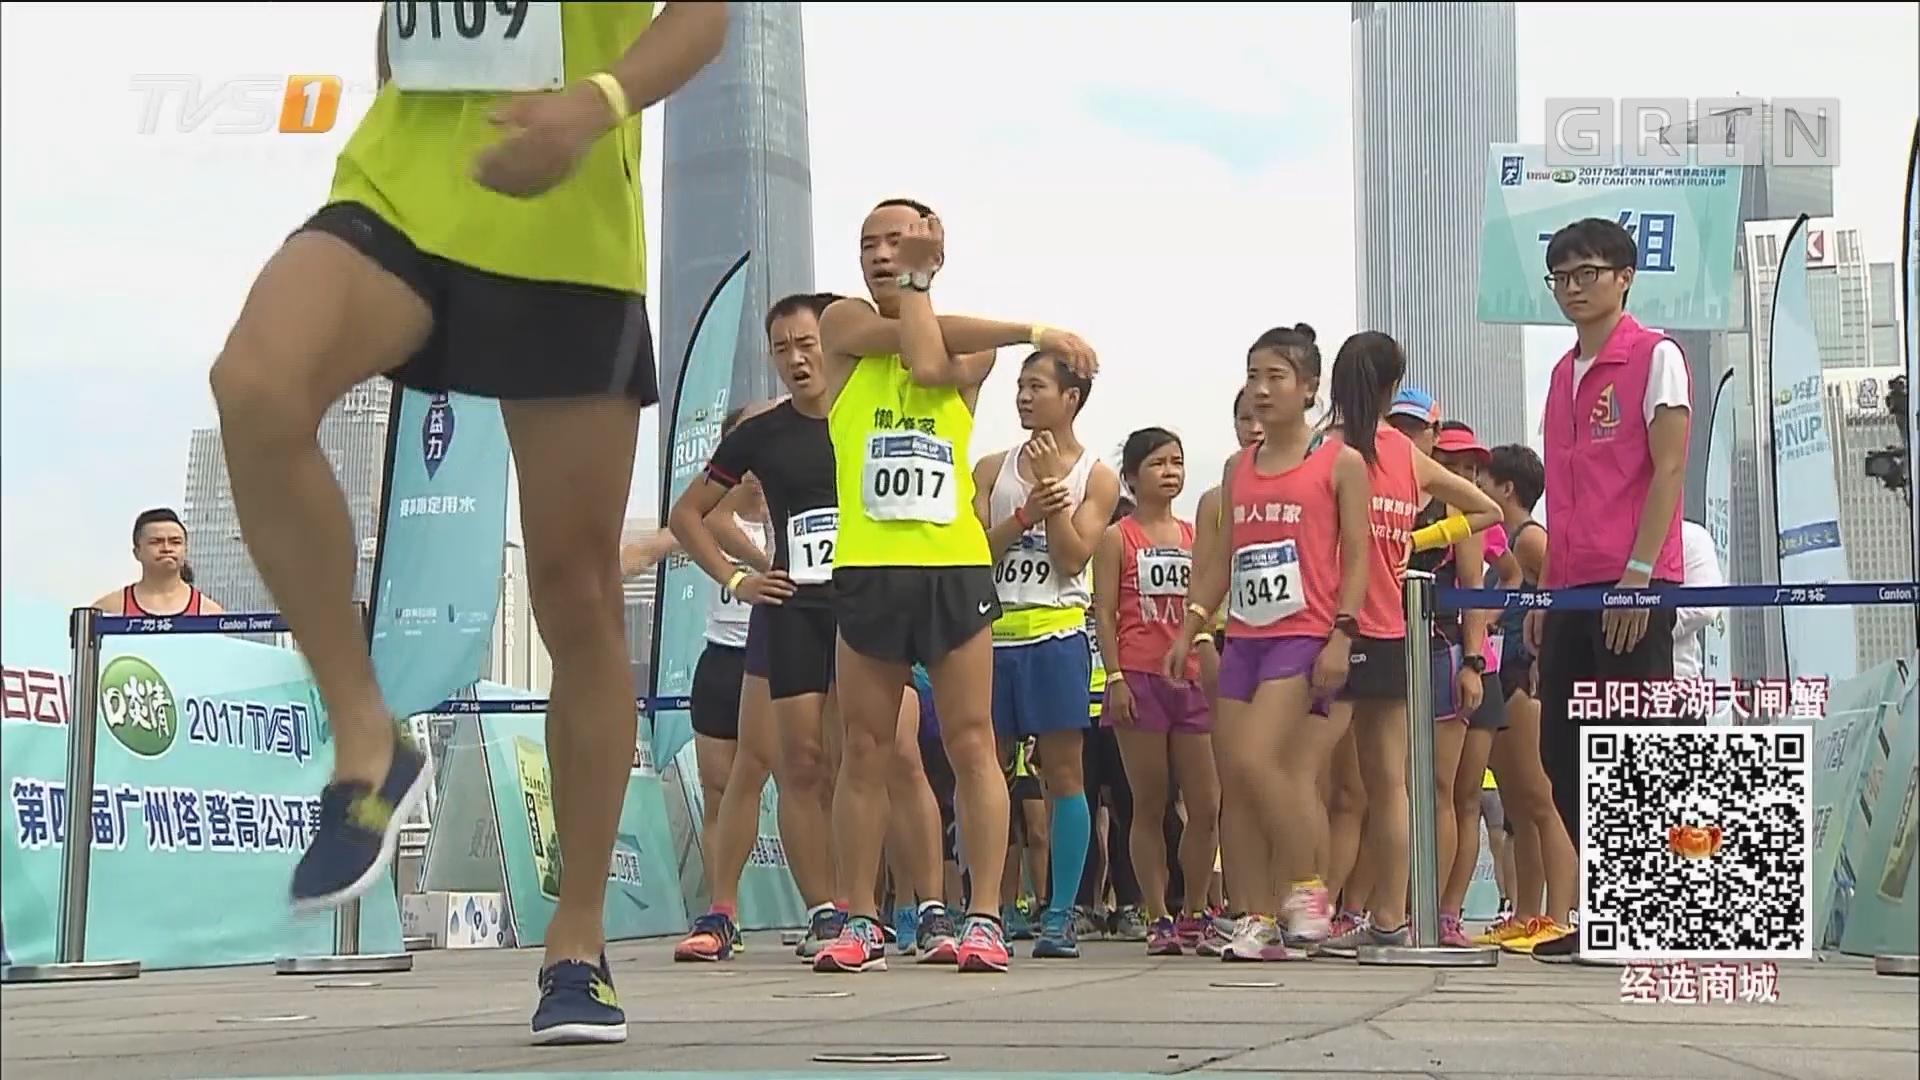 新速度14分36秒 第四届广州塔登高赛再破纪录